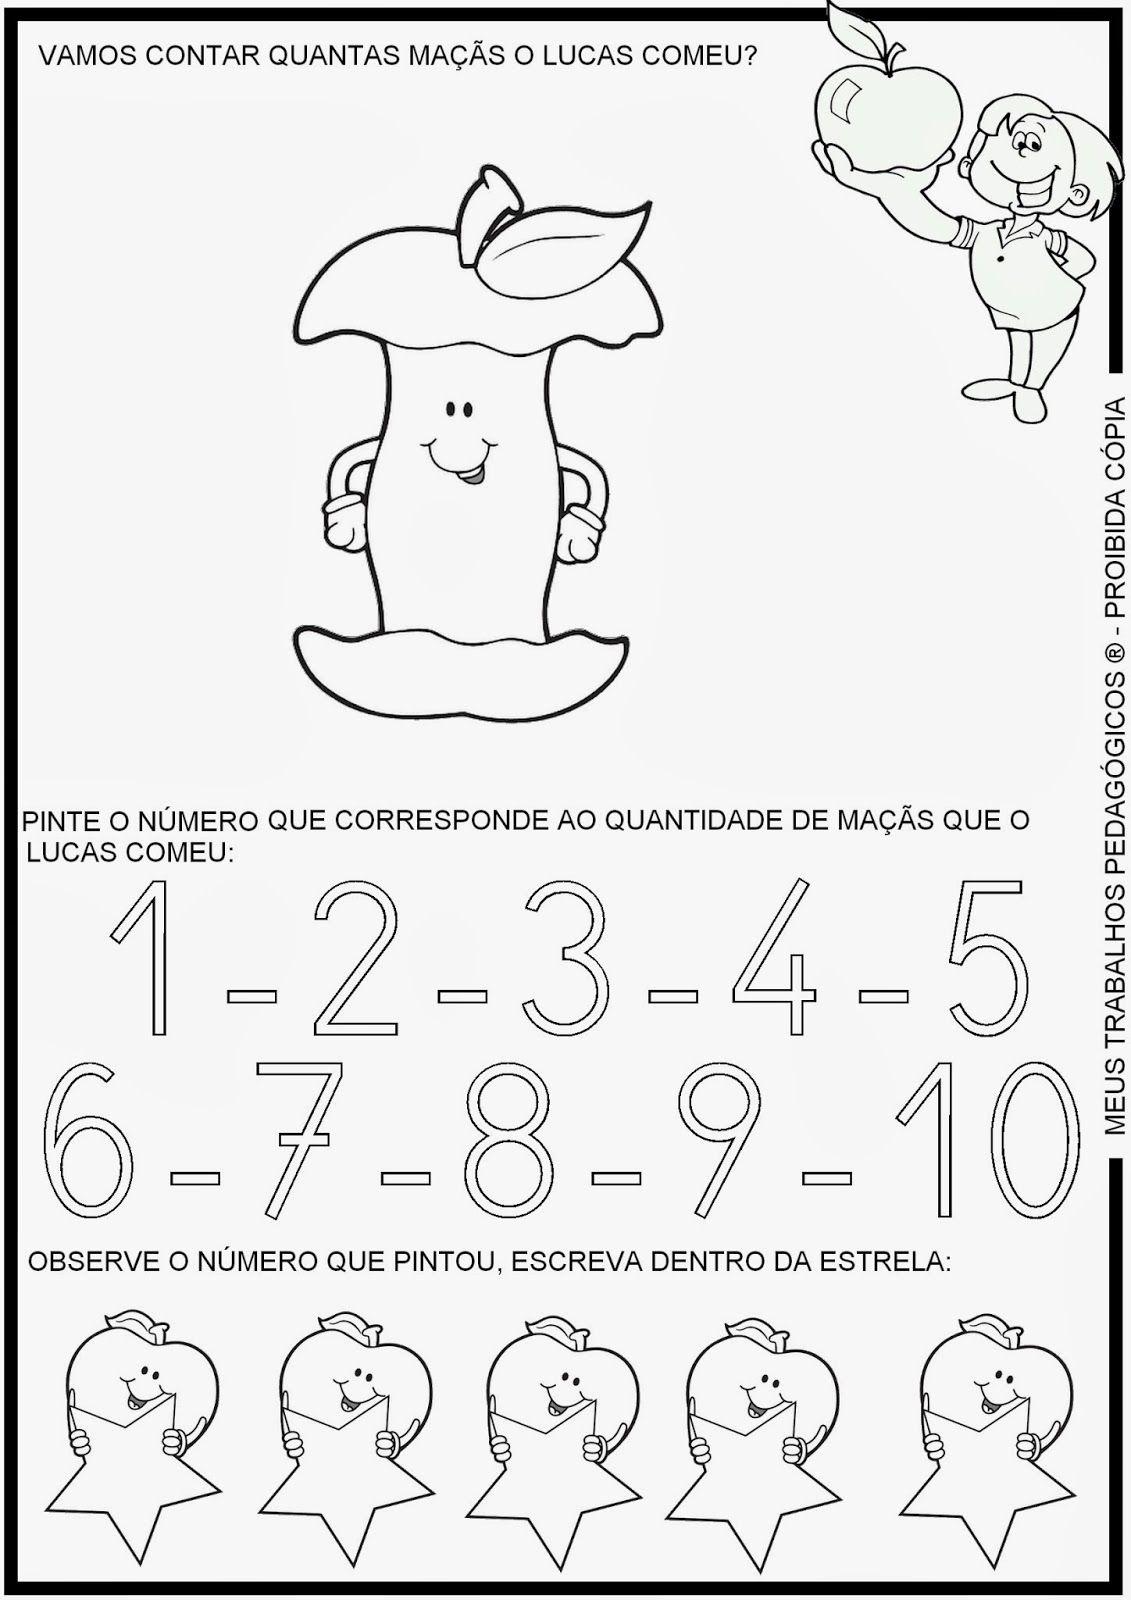 Atividades De Matematica Contando Macas 1 Jpg 1131 1600